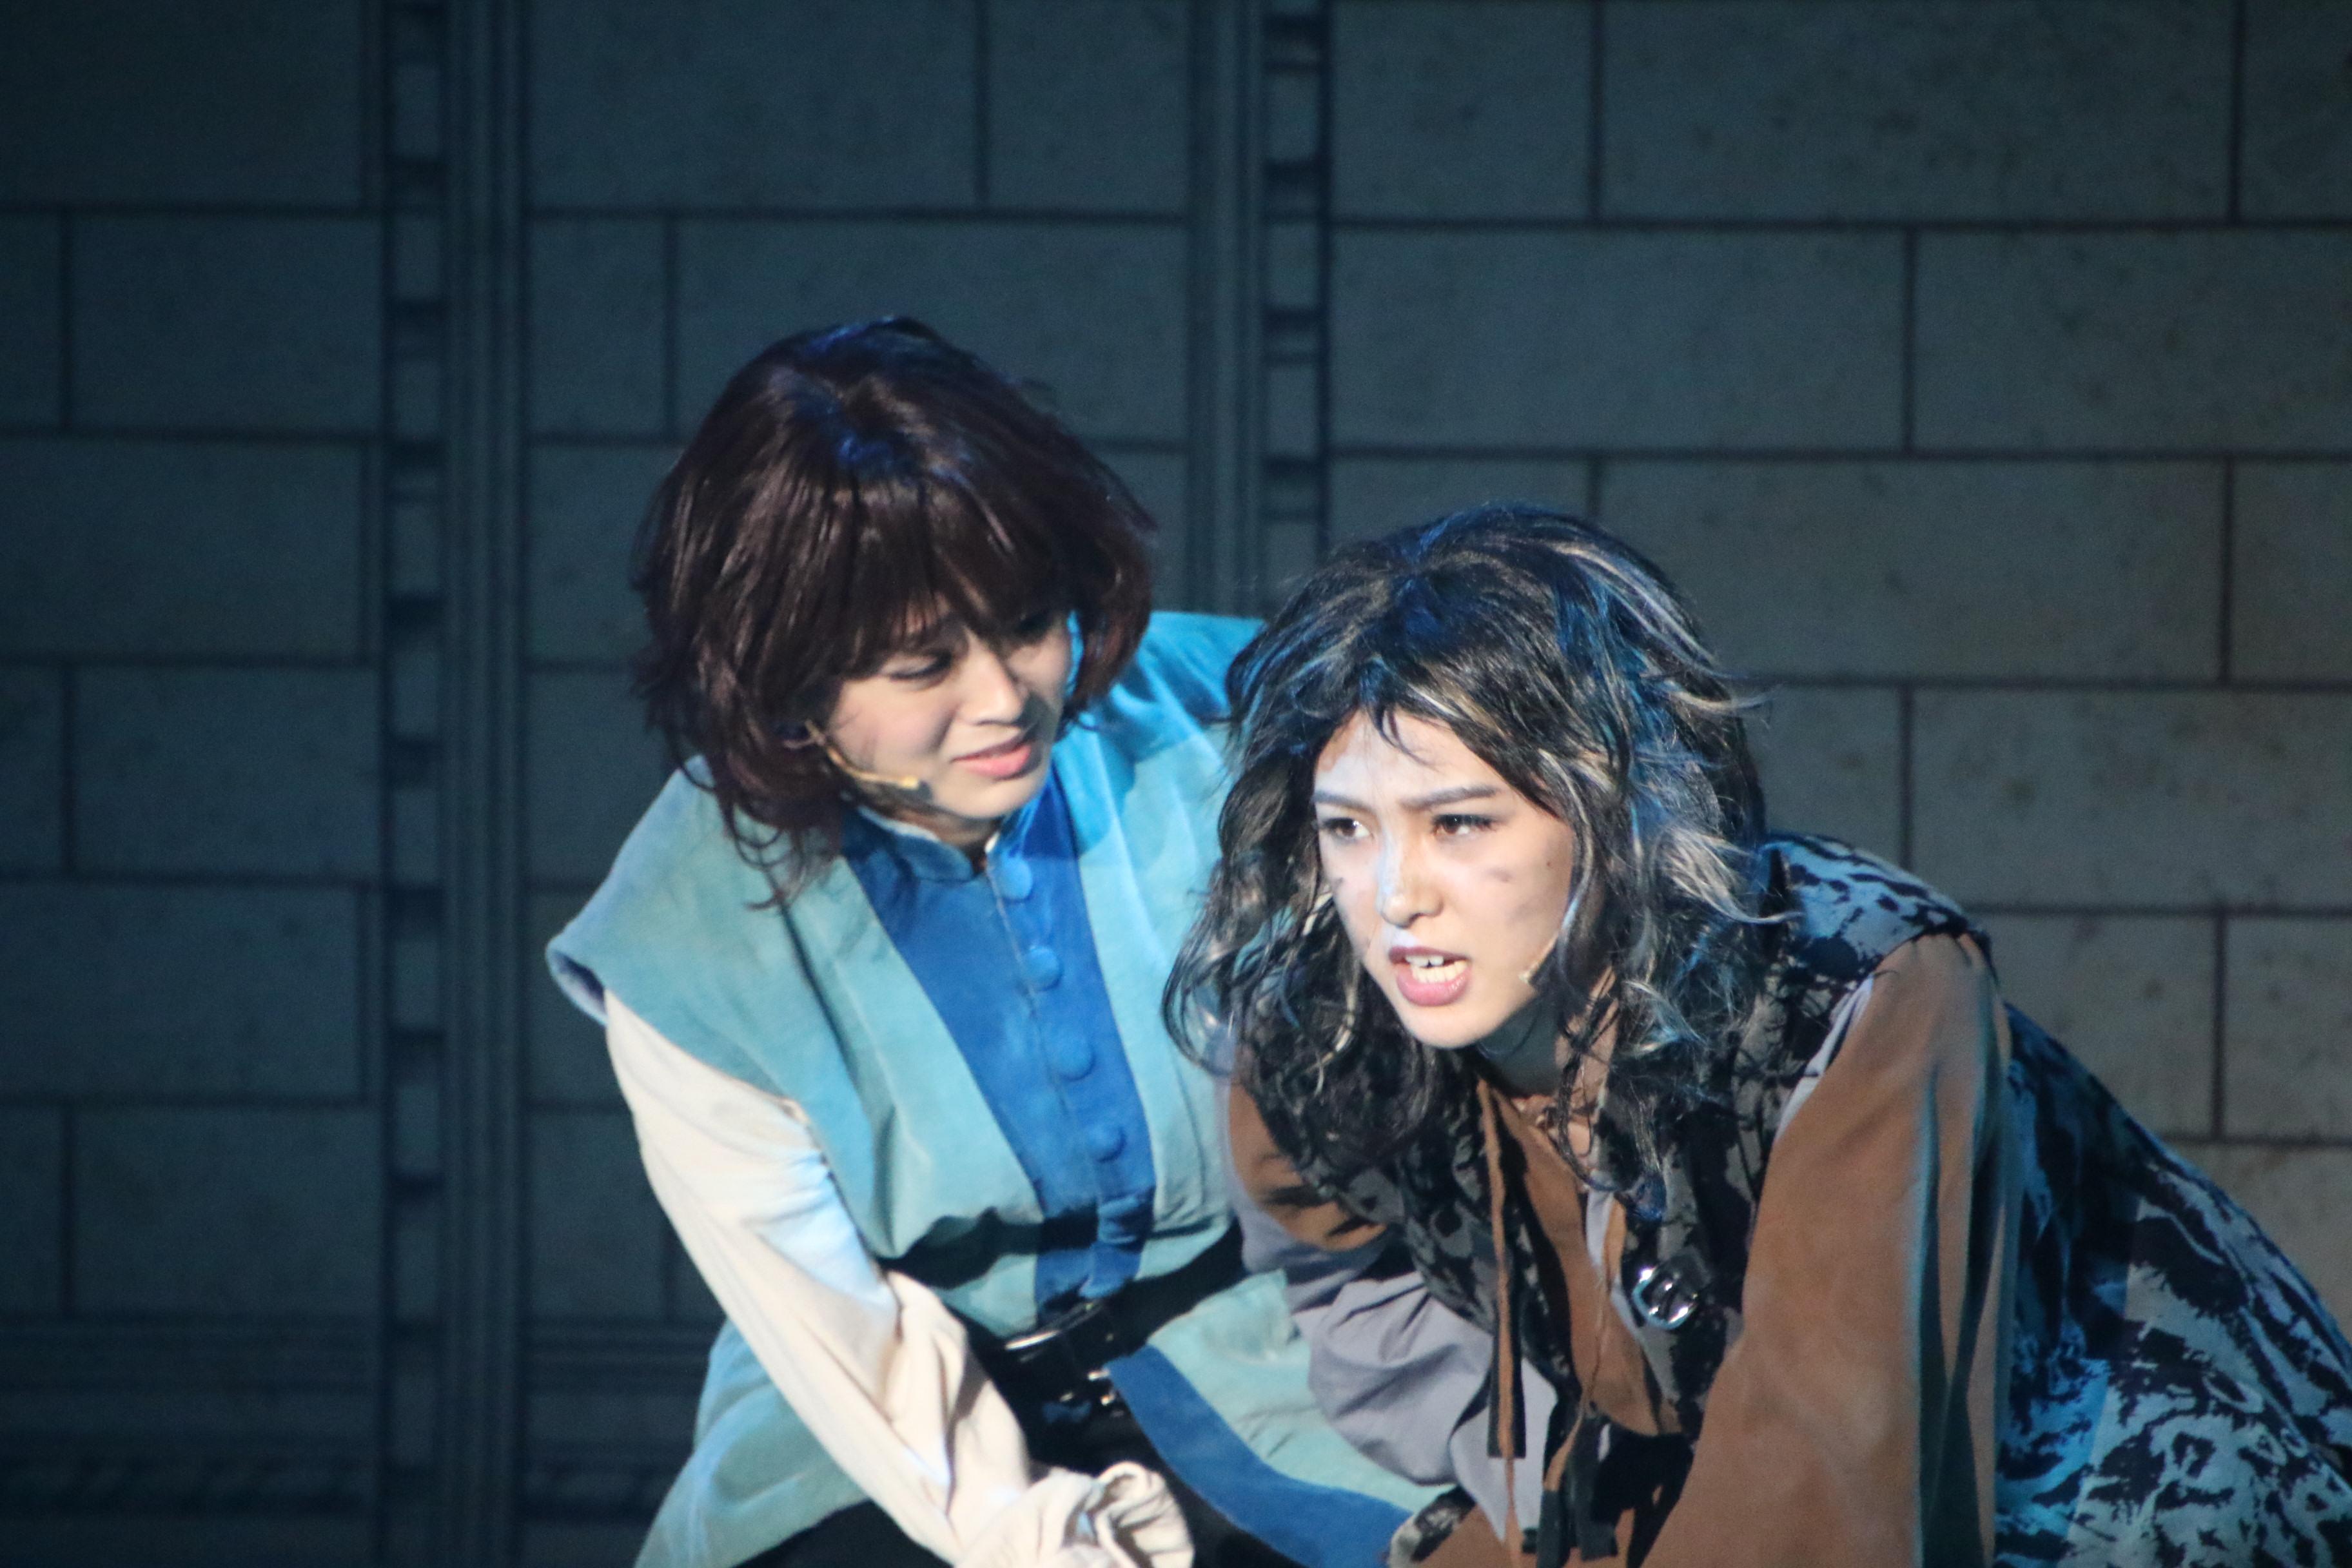 バルサザー役を演じる太田奈緒(左)とラインハルト役の山田菜々美(右)